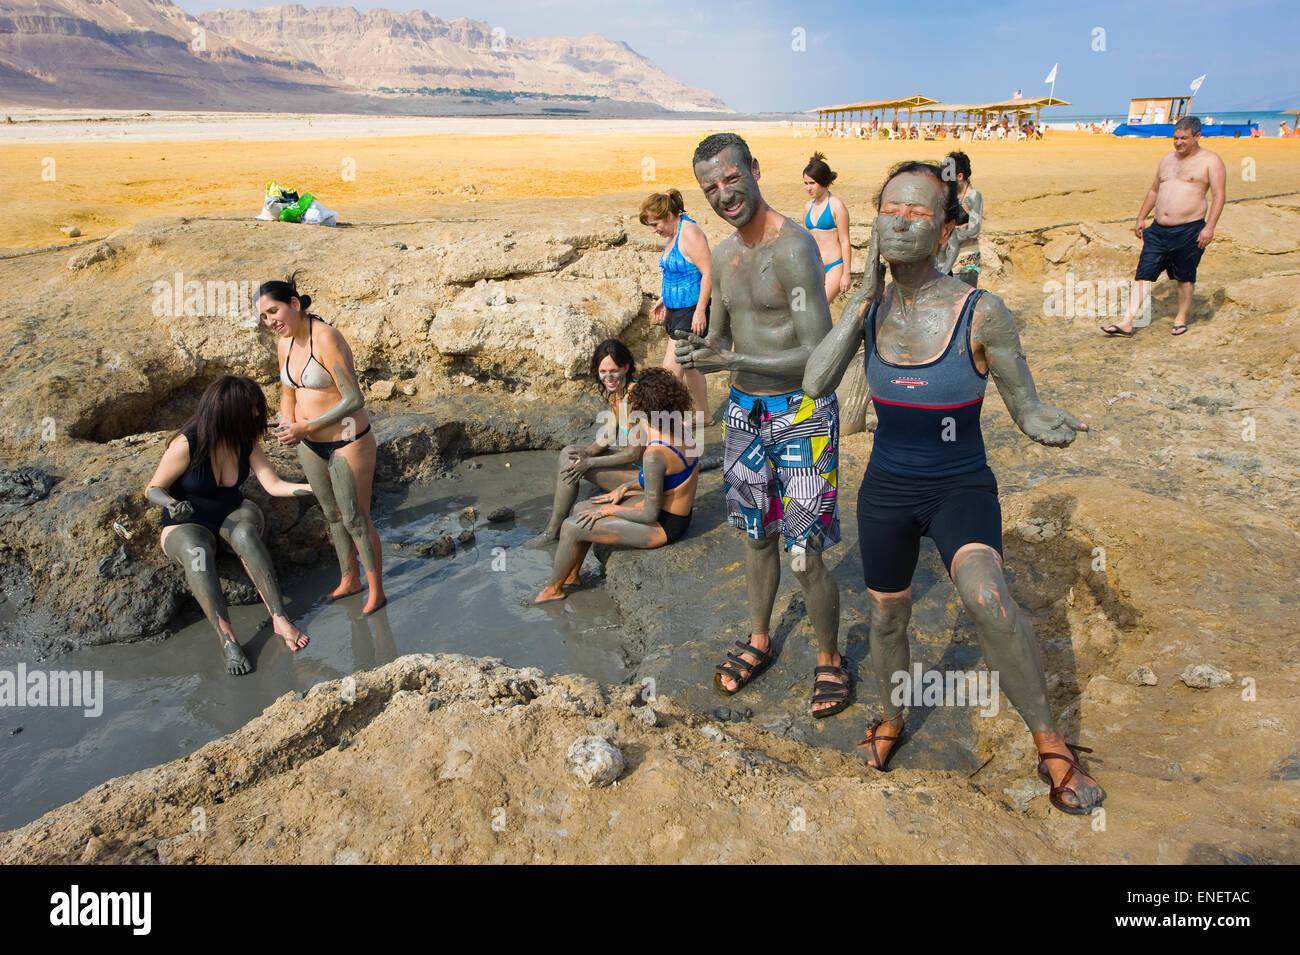 Mar Morto, Israele - Oct 13, 2014: persone rub con fango sulla spiaggia del Mar Morto in Israele Immagini Stock